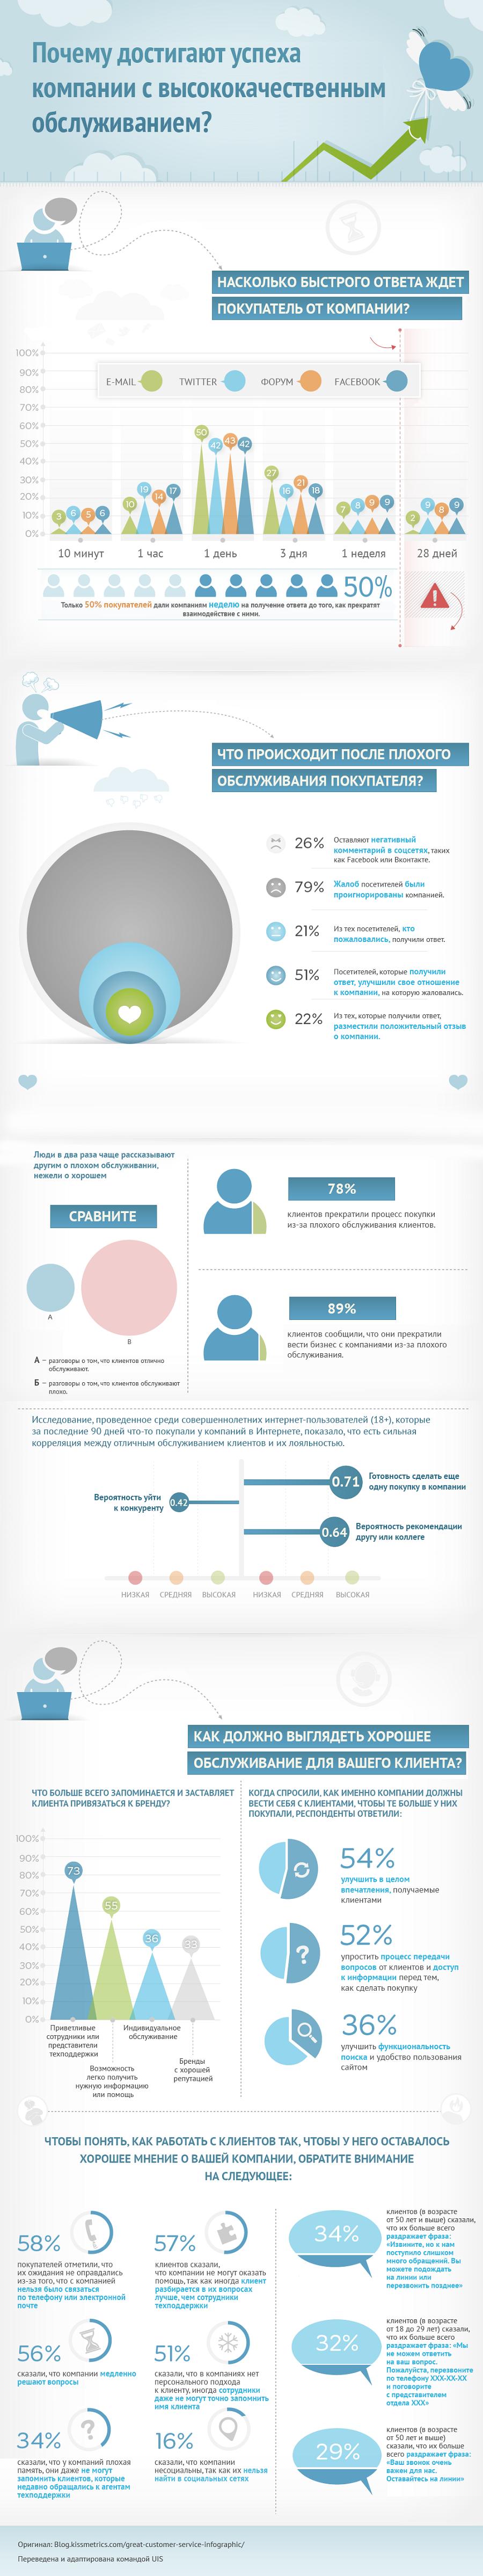 Почему достигают успеха компании с высококачественным обслуживанием - инфографика